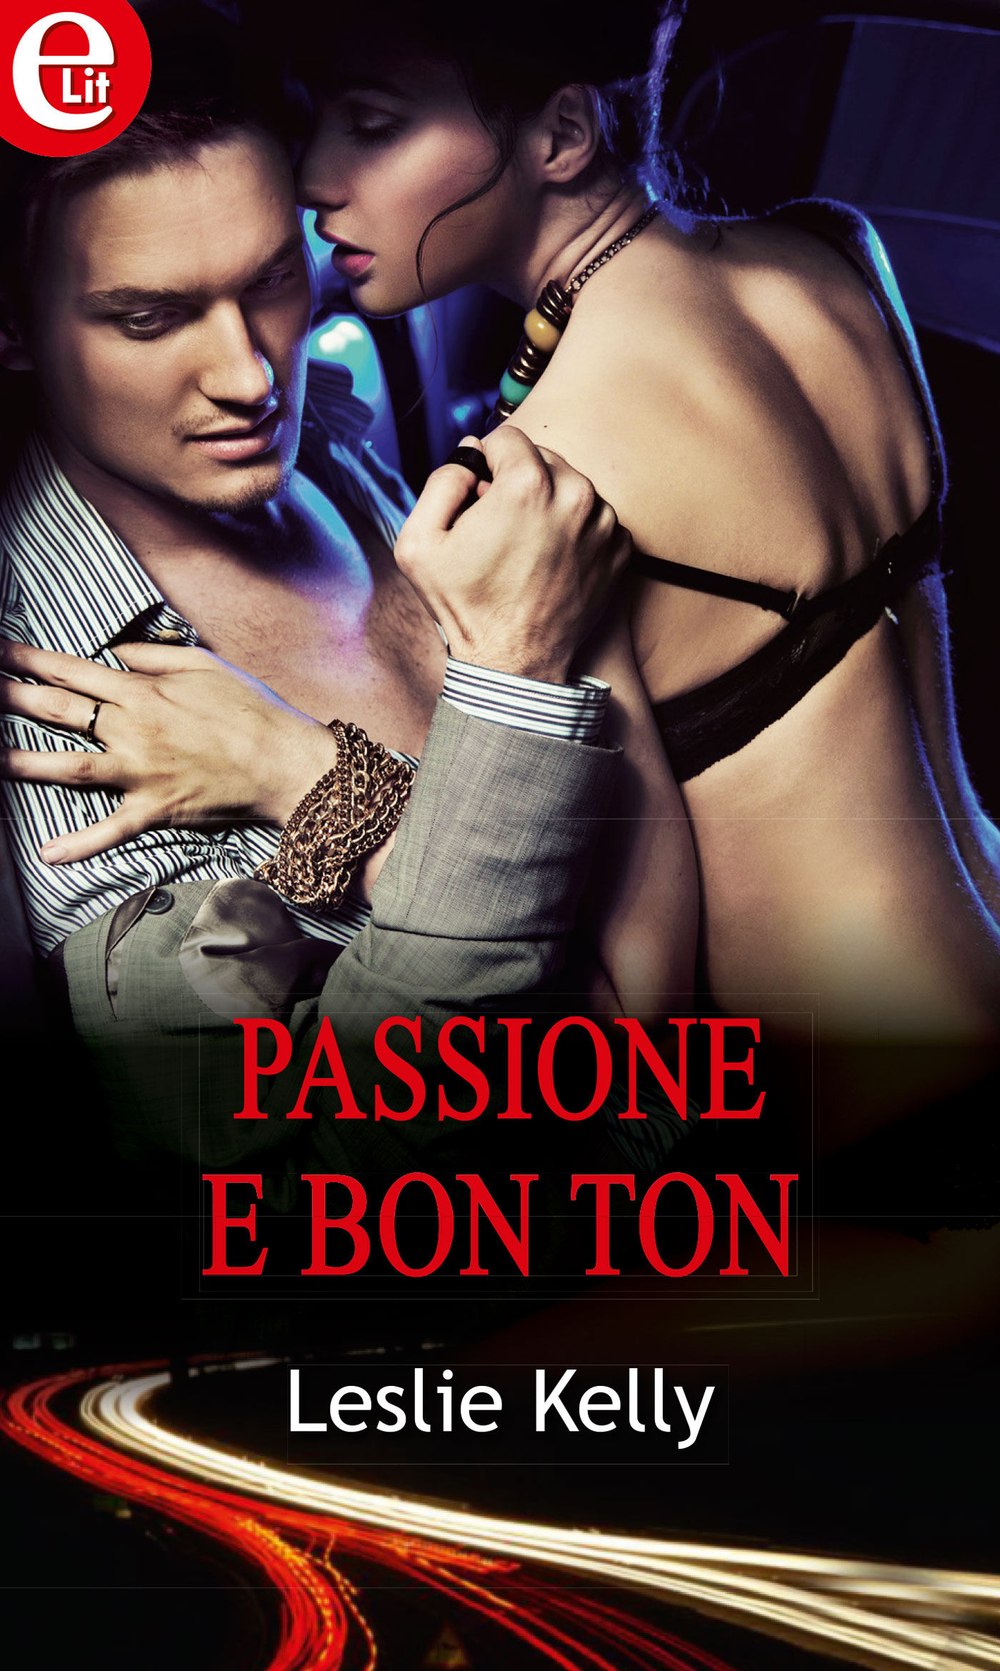 Passione e bon ton